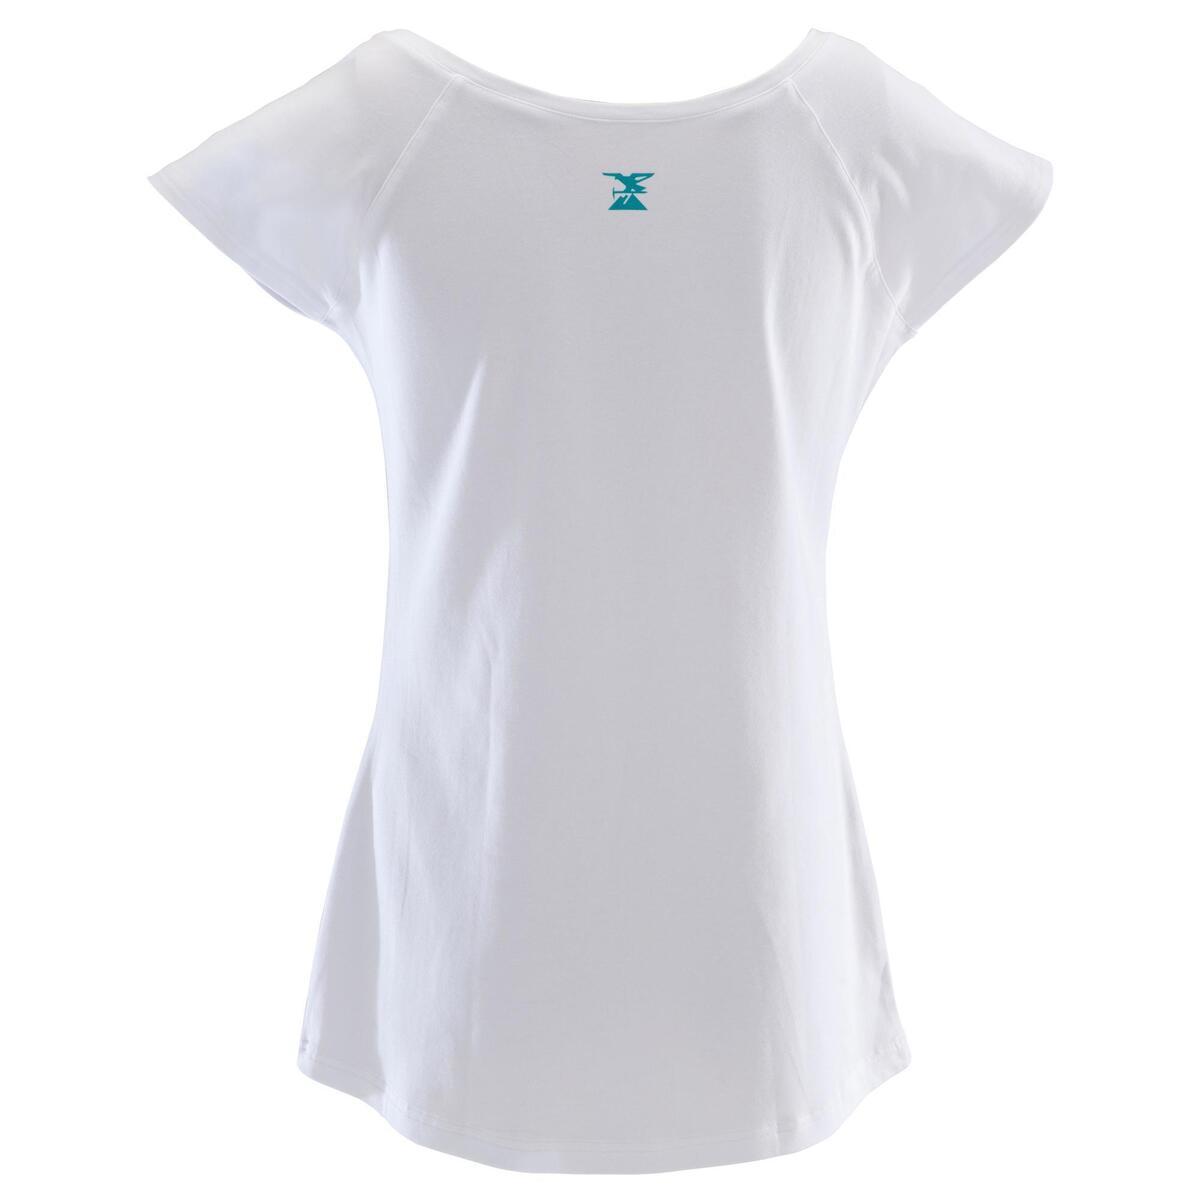 Bild 5 von Kletter-T-Shirt Kurzarm Damen weiß